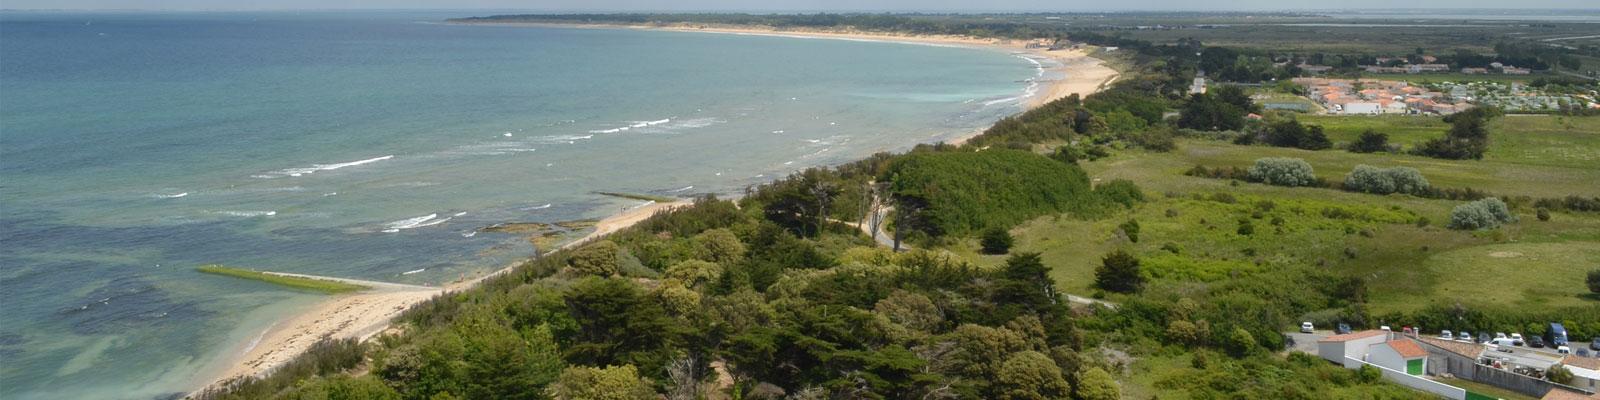 depuis le haut phare baleines camping île Ré